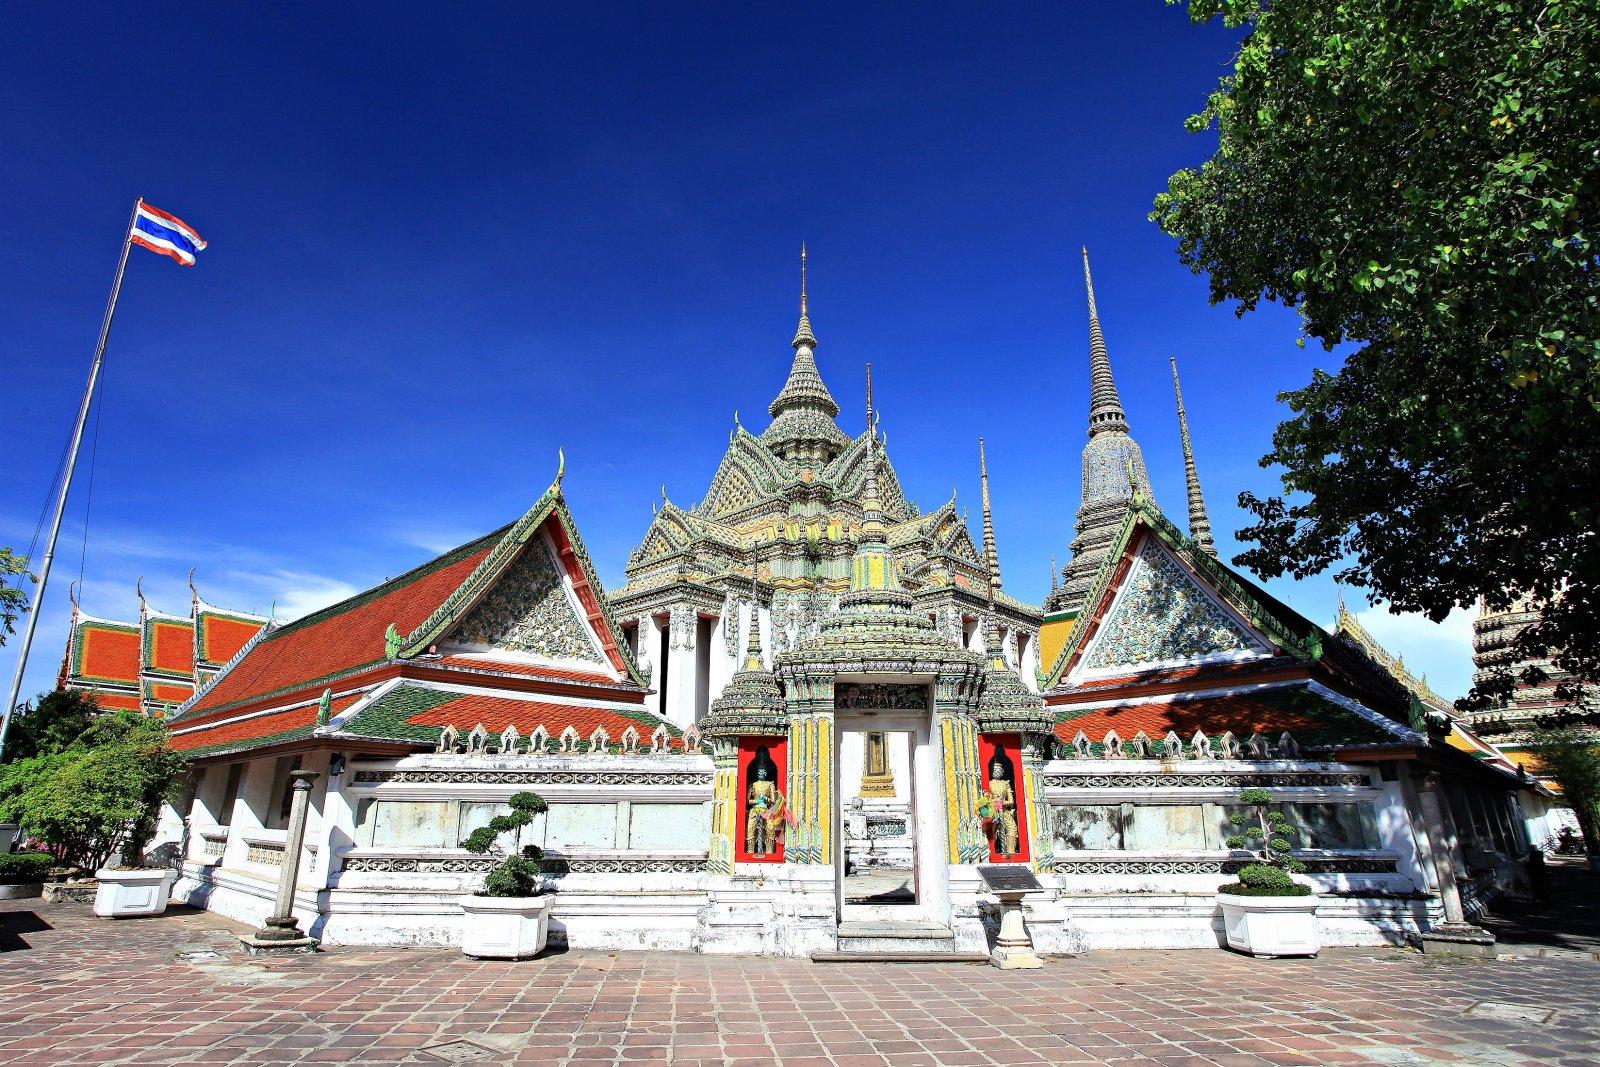 Тур по Бангкоку (главные достопримечательности)